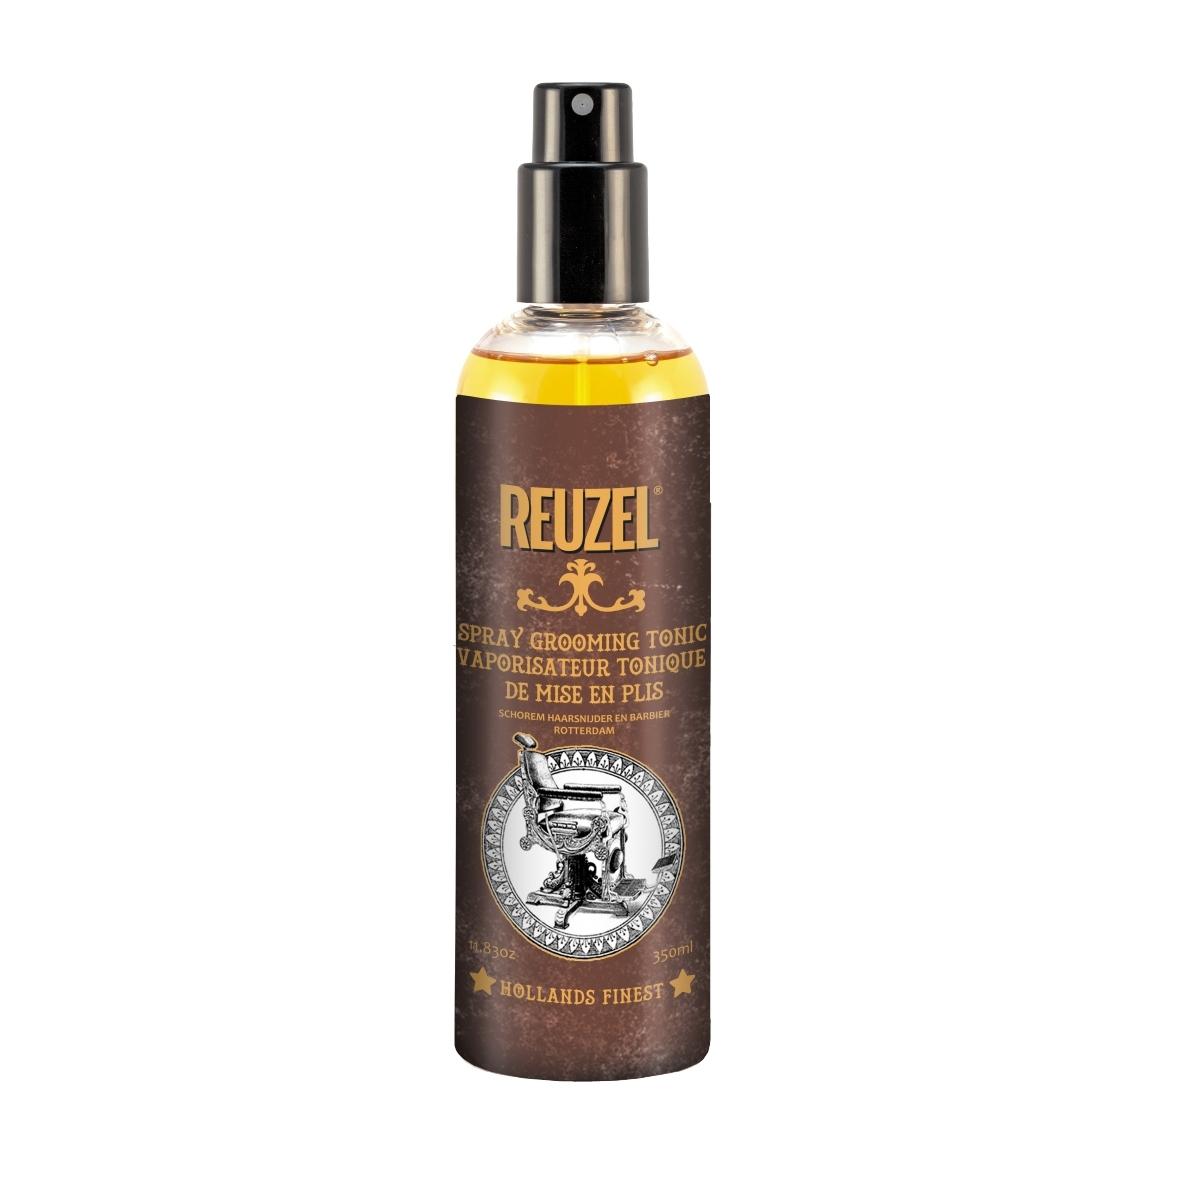 Xịt Tạo Kiểu Reuzel Grooming Tonic Spray 355ml